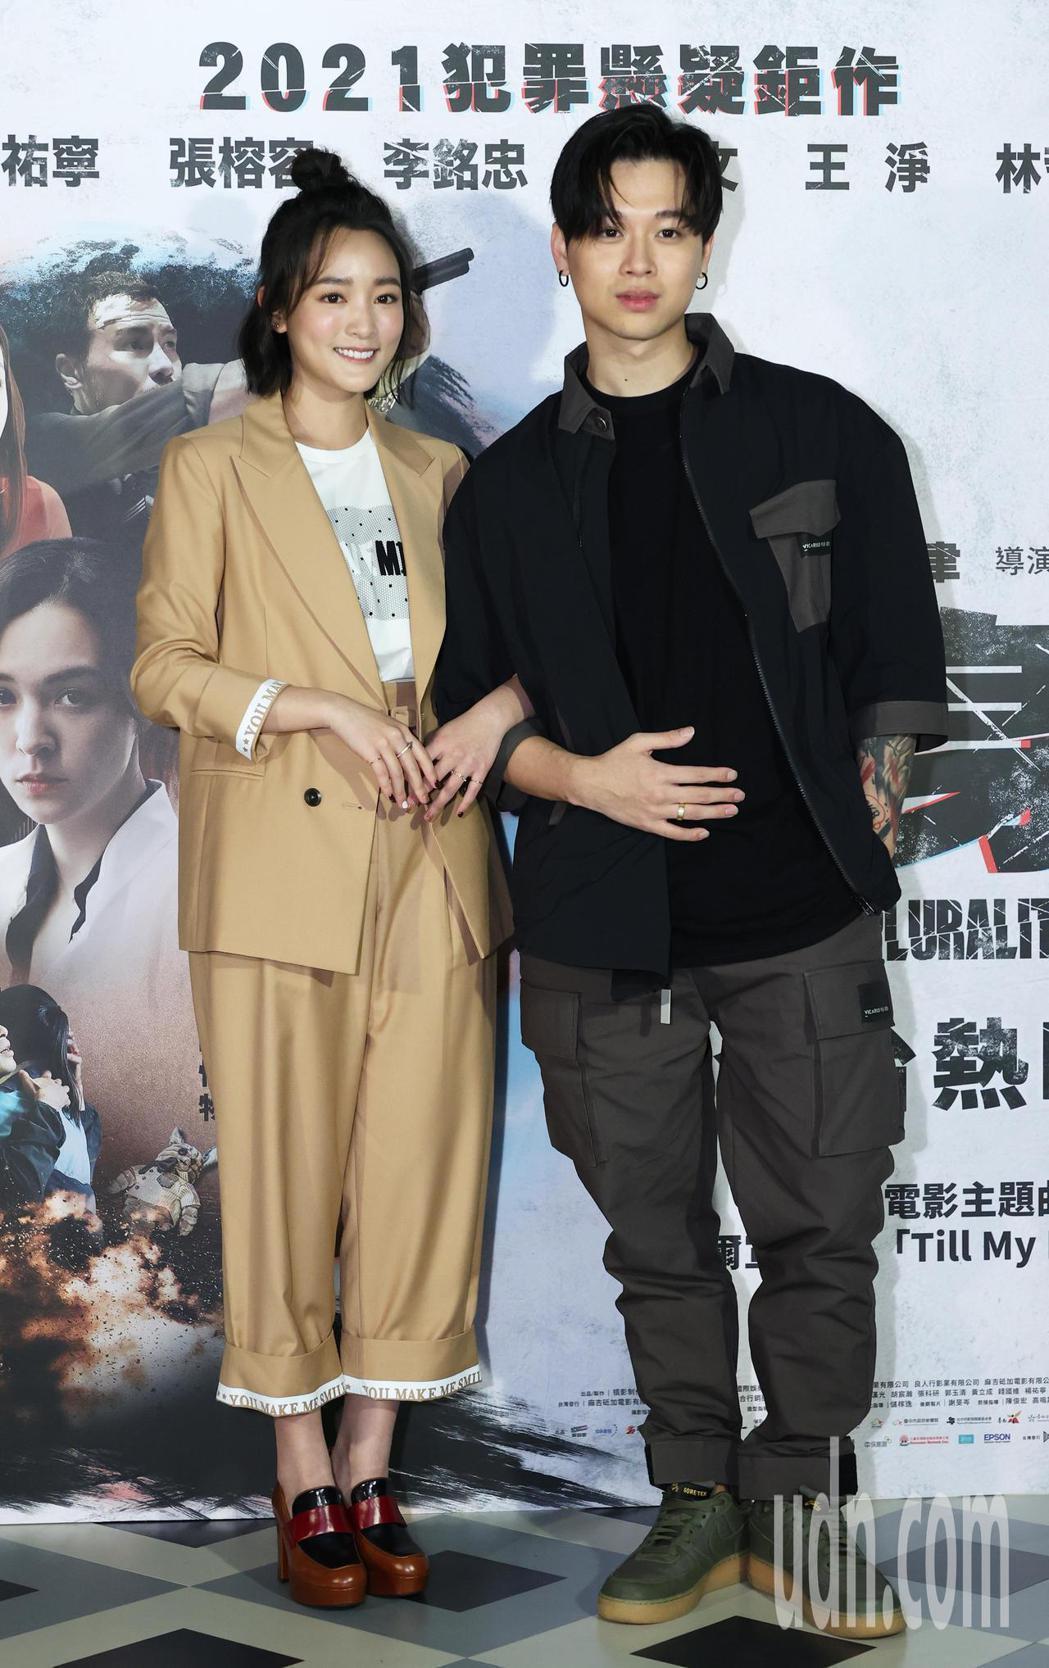 演出「複身犯」的王淨與主題曲演唱人高爾宣(右)在台北京站威秀充當一日店長。記者潘